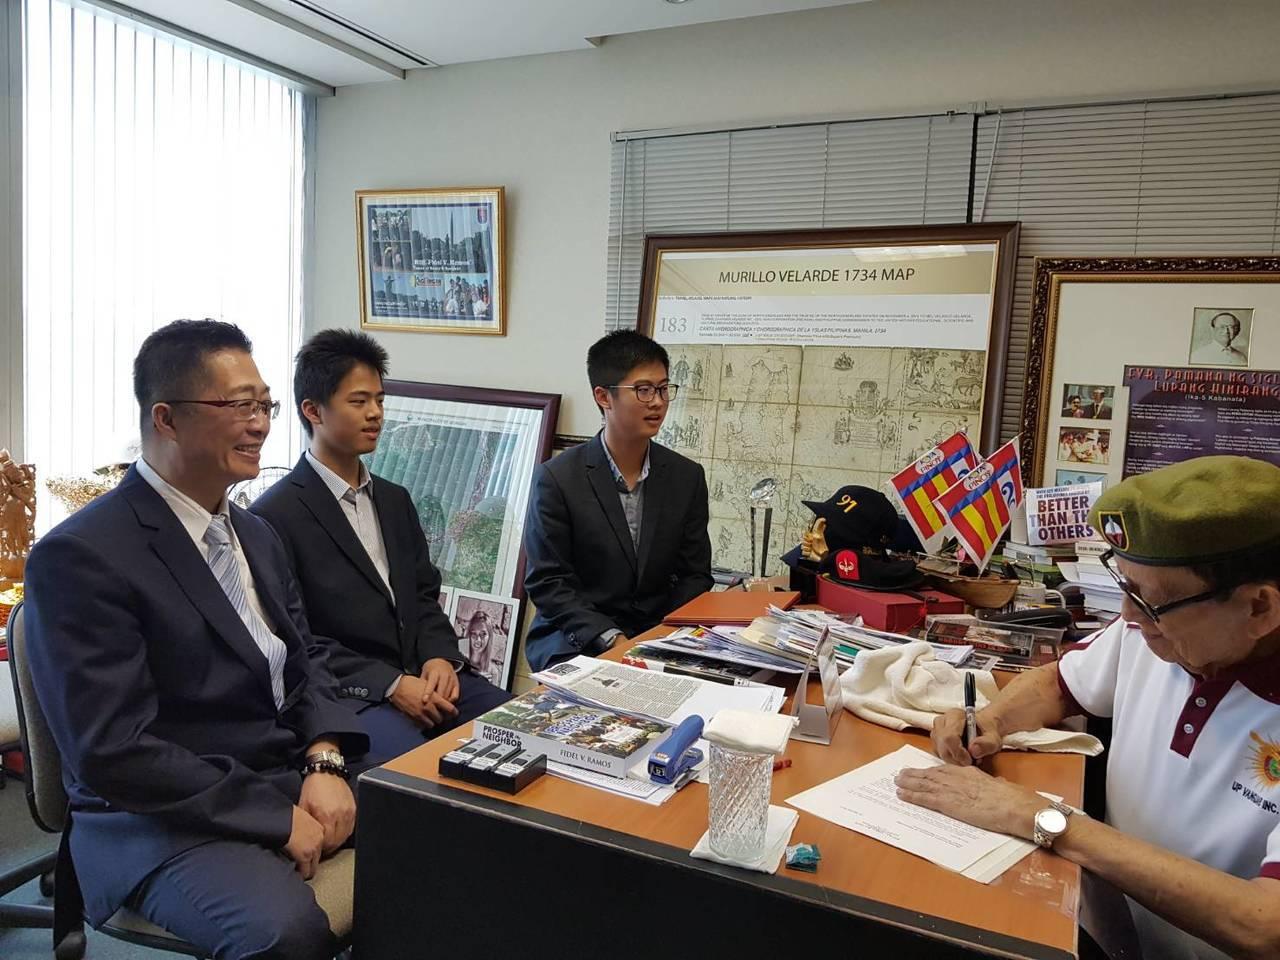 發明老師鄧鴻吉(左)和兩個兒子鄧立維、鄧仕展昨拜會菲律賓前總統羅慕斯(右)並獲頒...